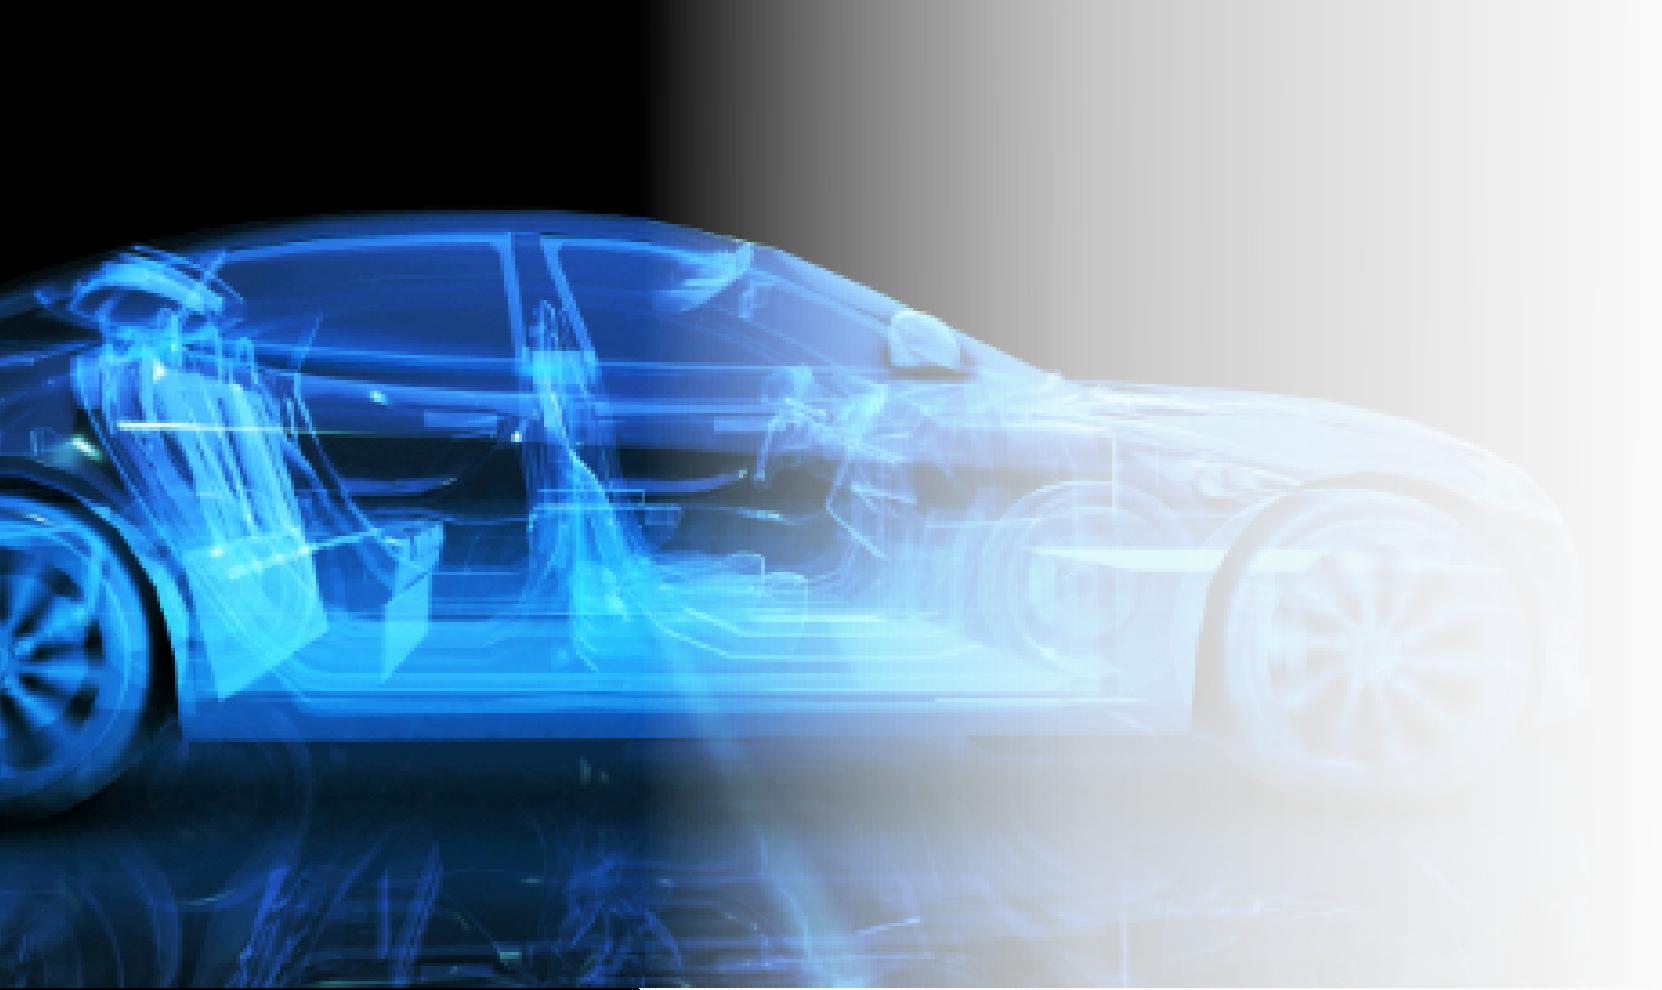 自動車部品のコスト・品質・生産性を改善する、プレス加工への切り替え提案